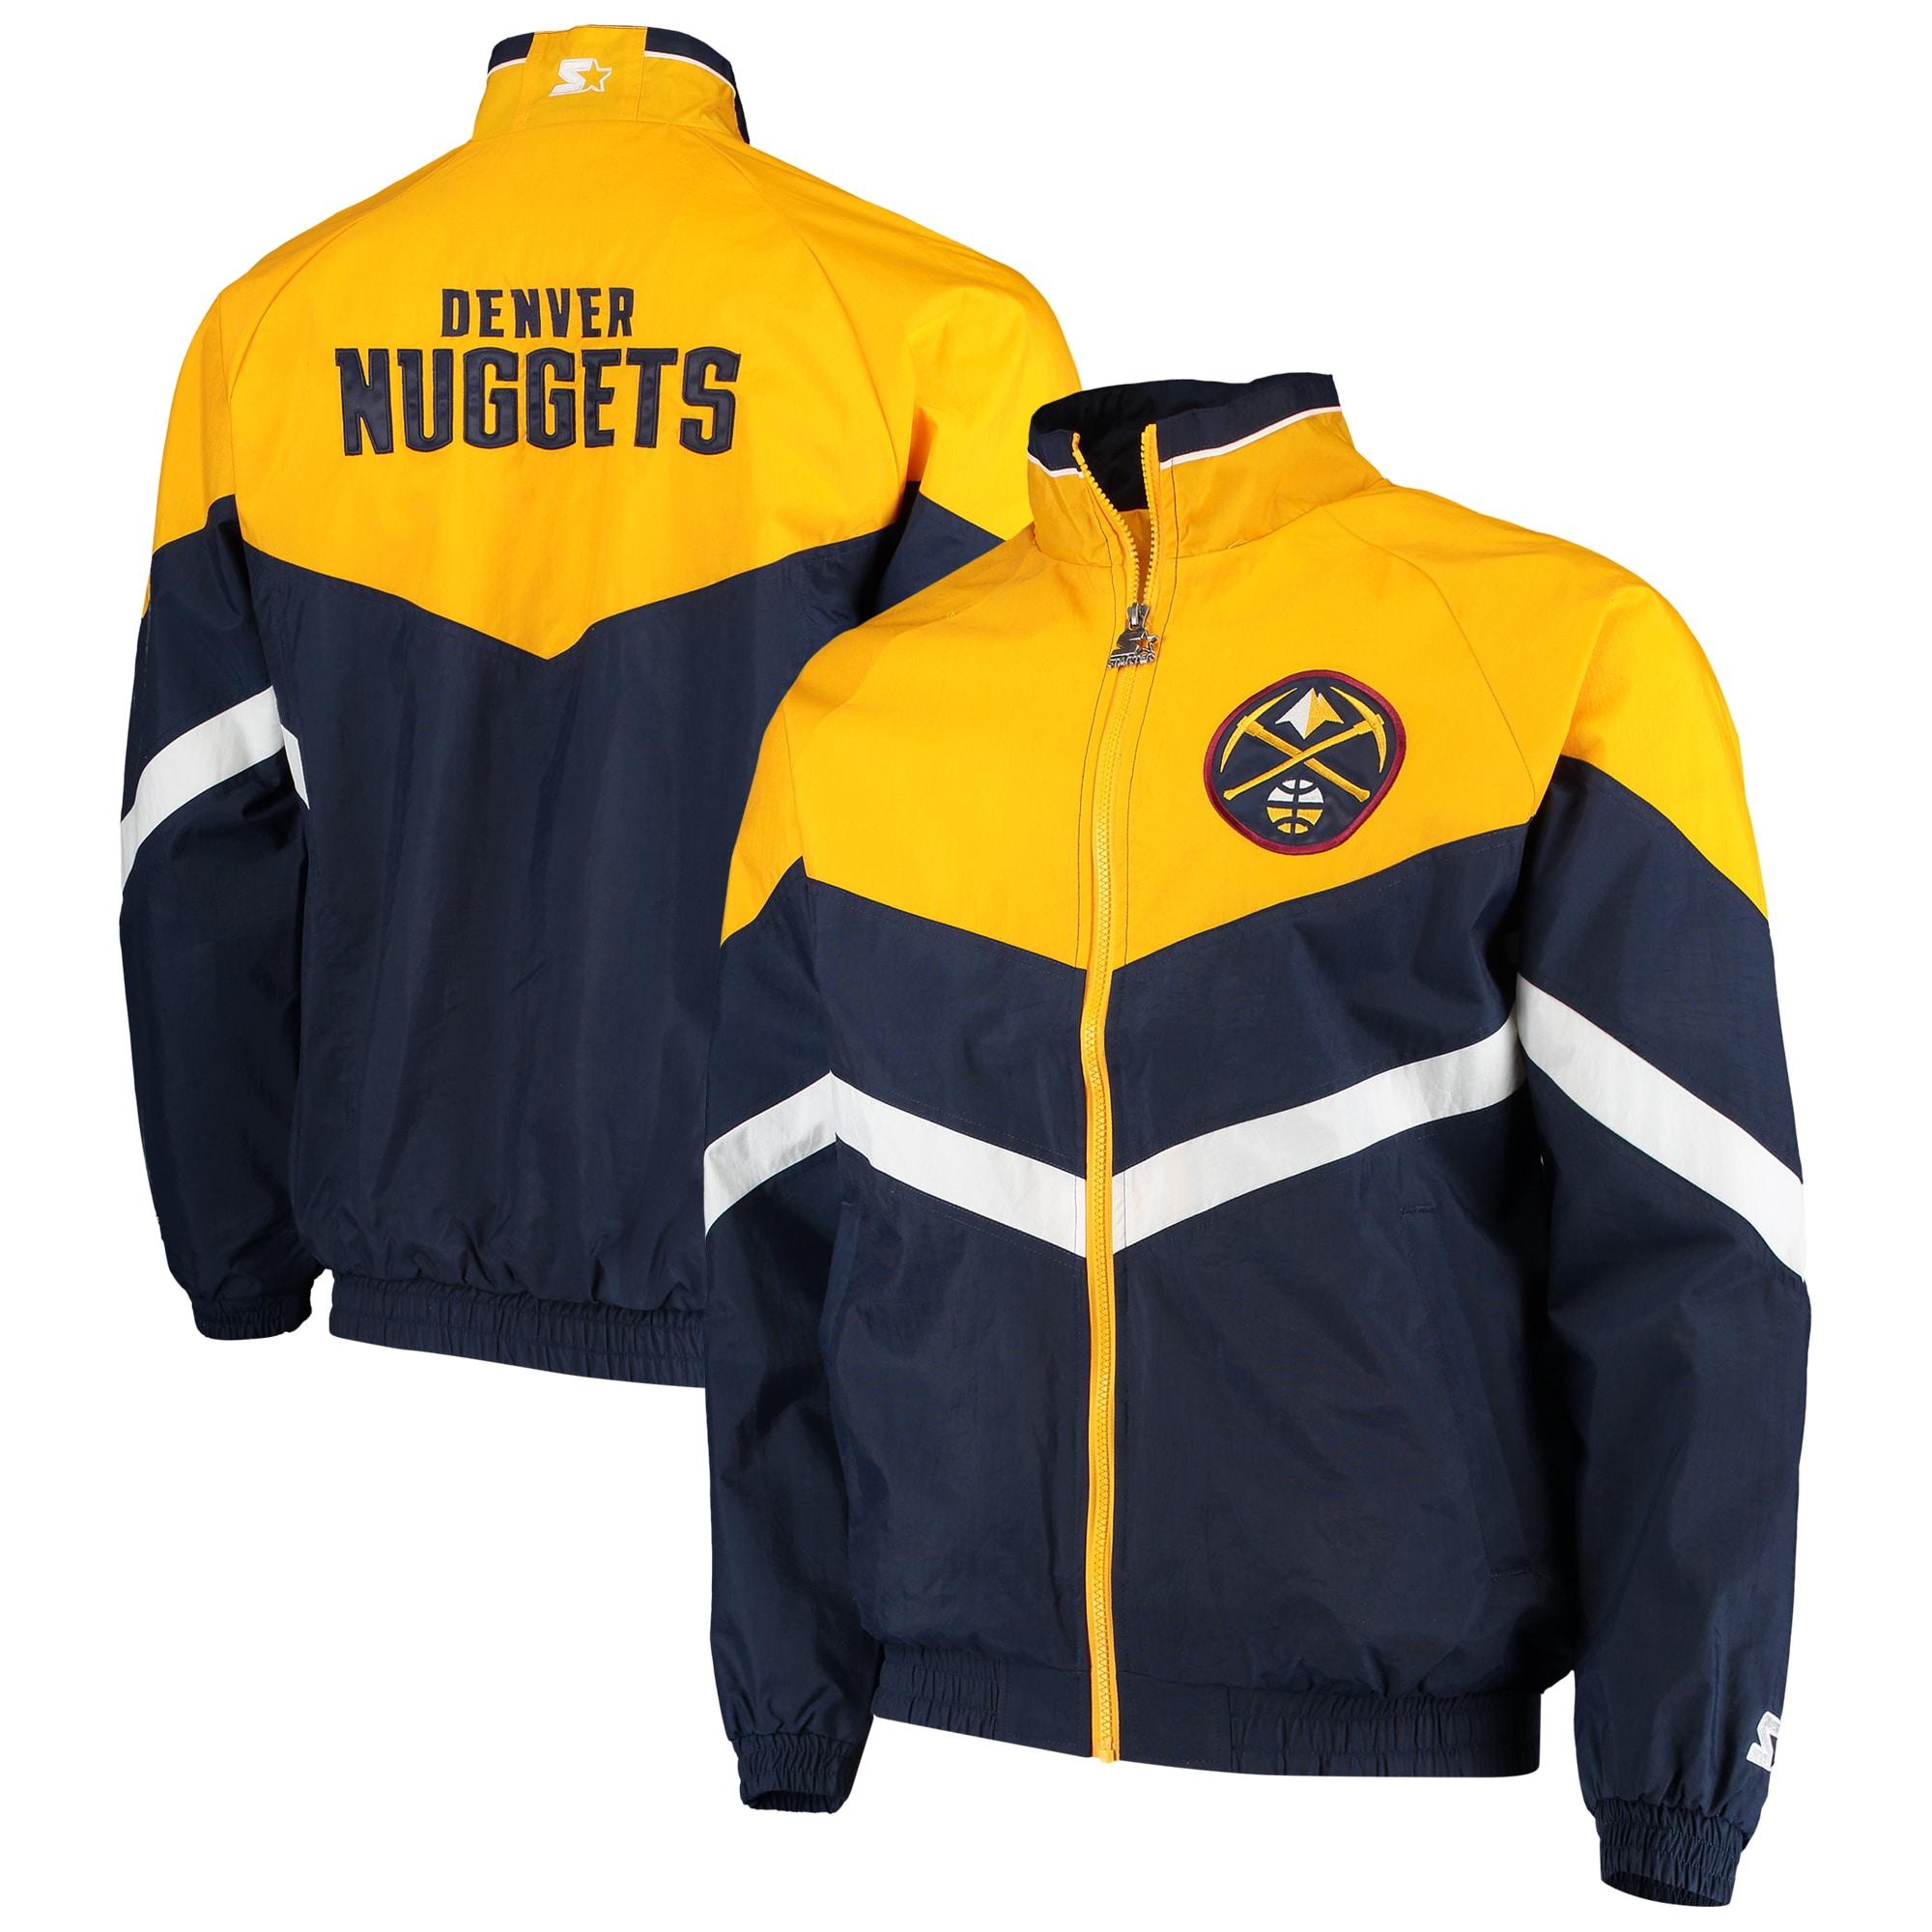 Denver Nuggets Starter Bank Shot Oxford Full-Zip Jacket - Navy/Gold